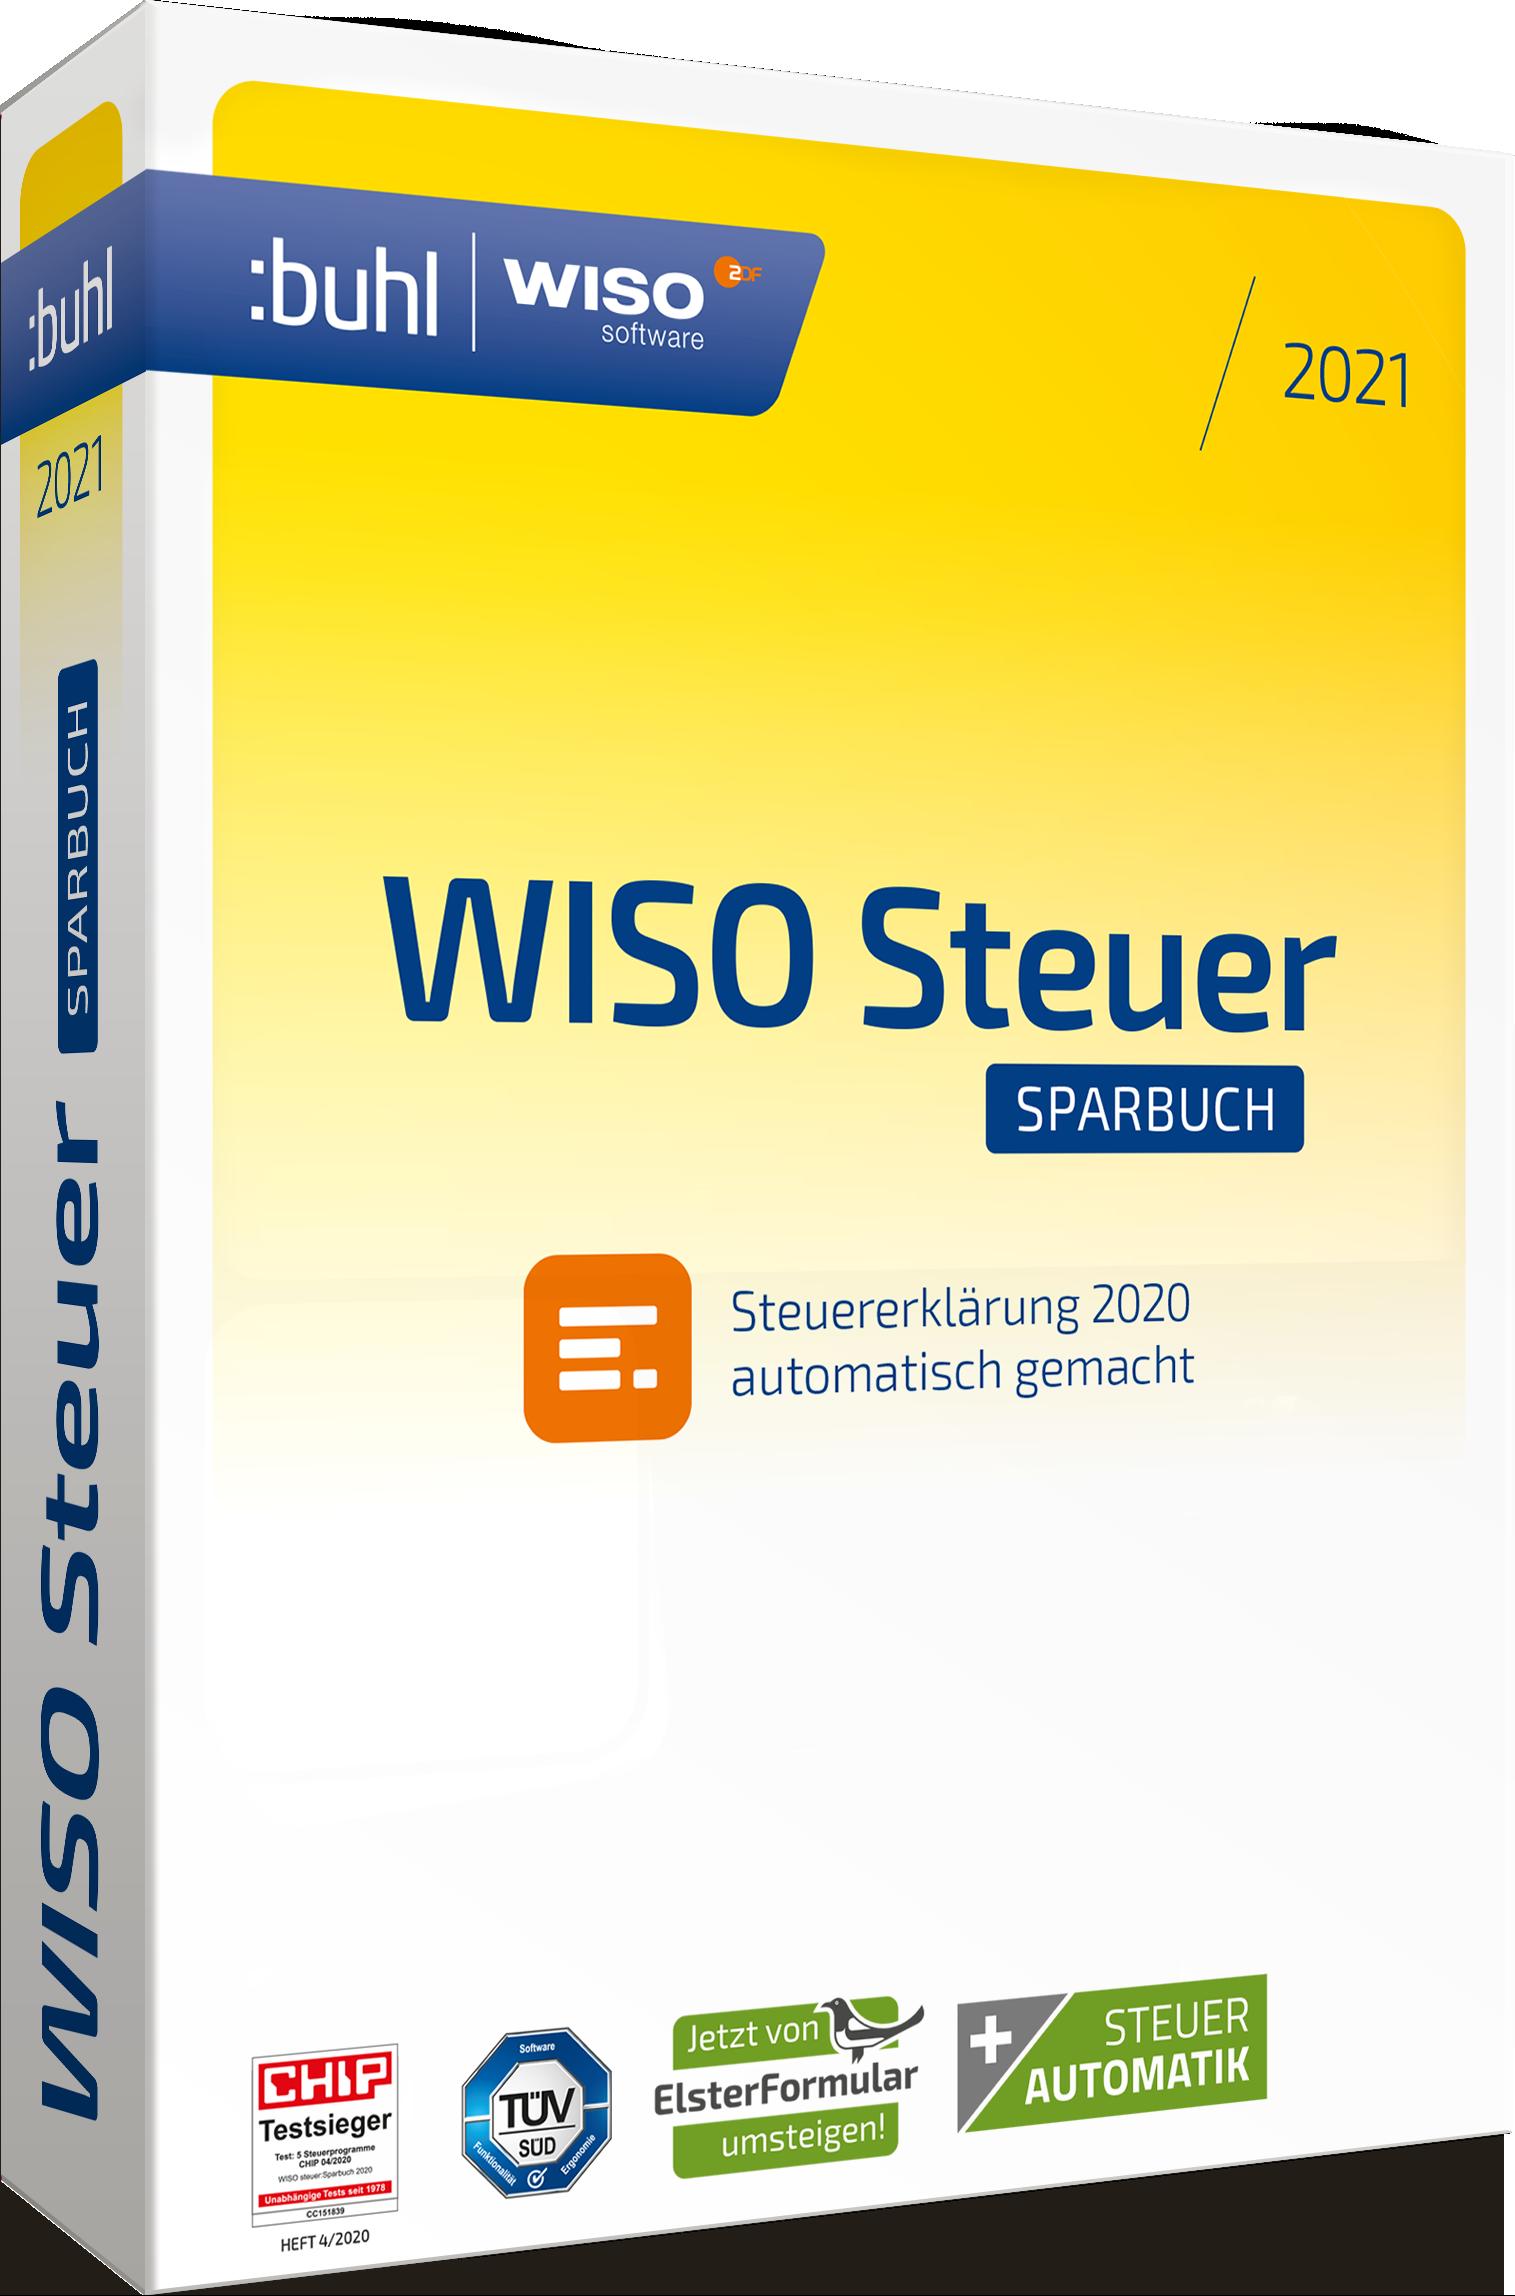 WISO steuer:Sparbuch 2021 (Steuerjahr 2020) bei best ...